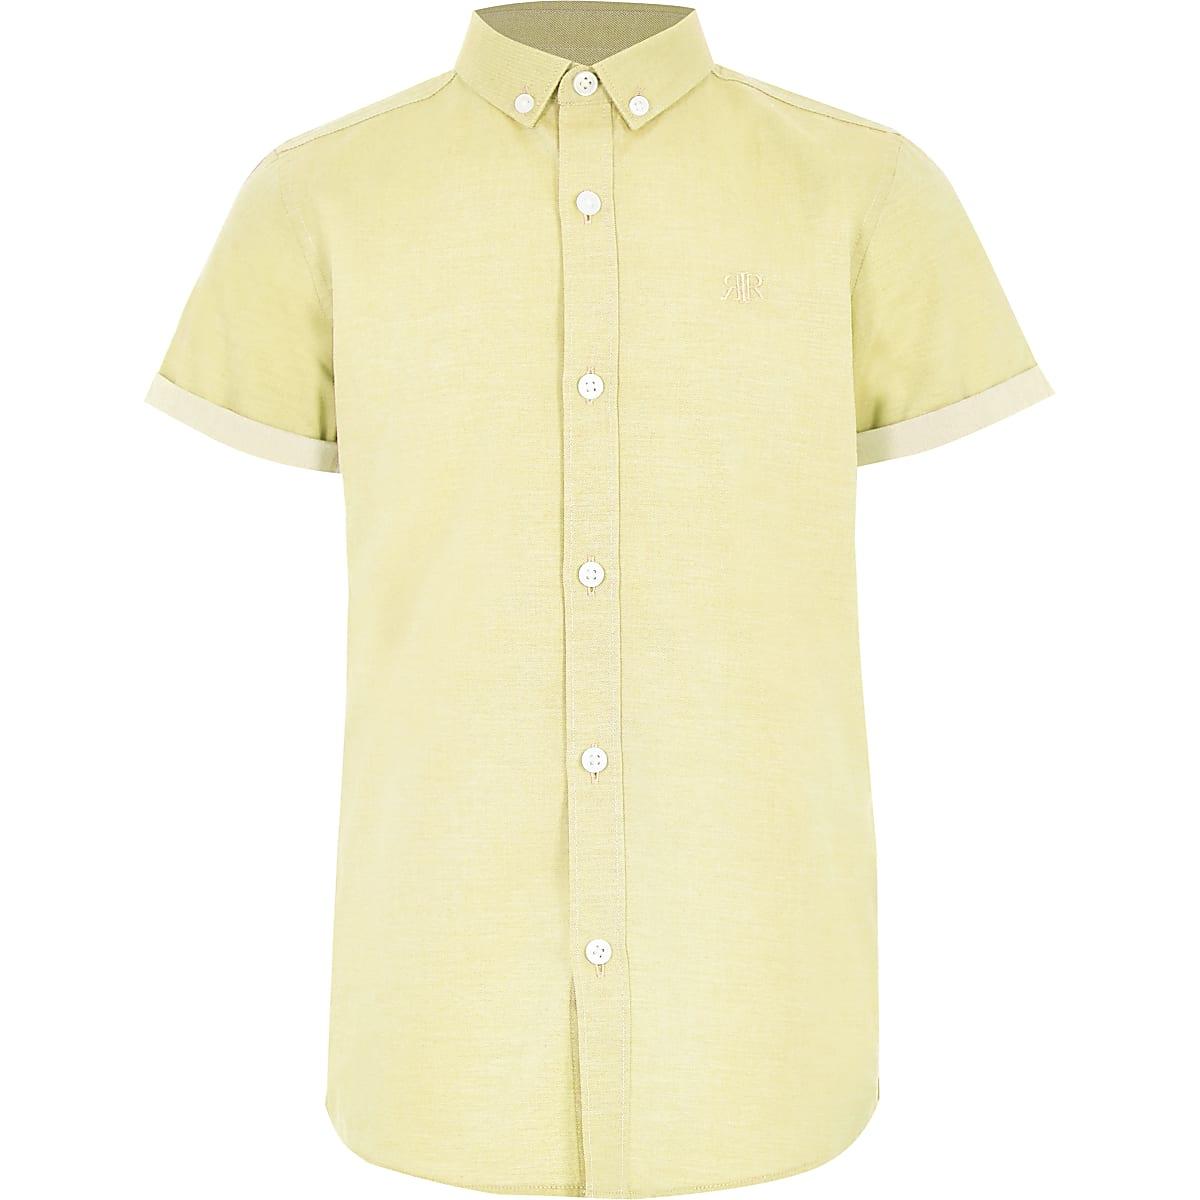 Geel Overhemd.Geel Overhemd Met Ri Logo En Korte Mouwen Voor Jongens Overhemden